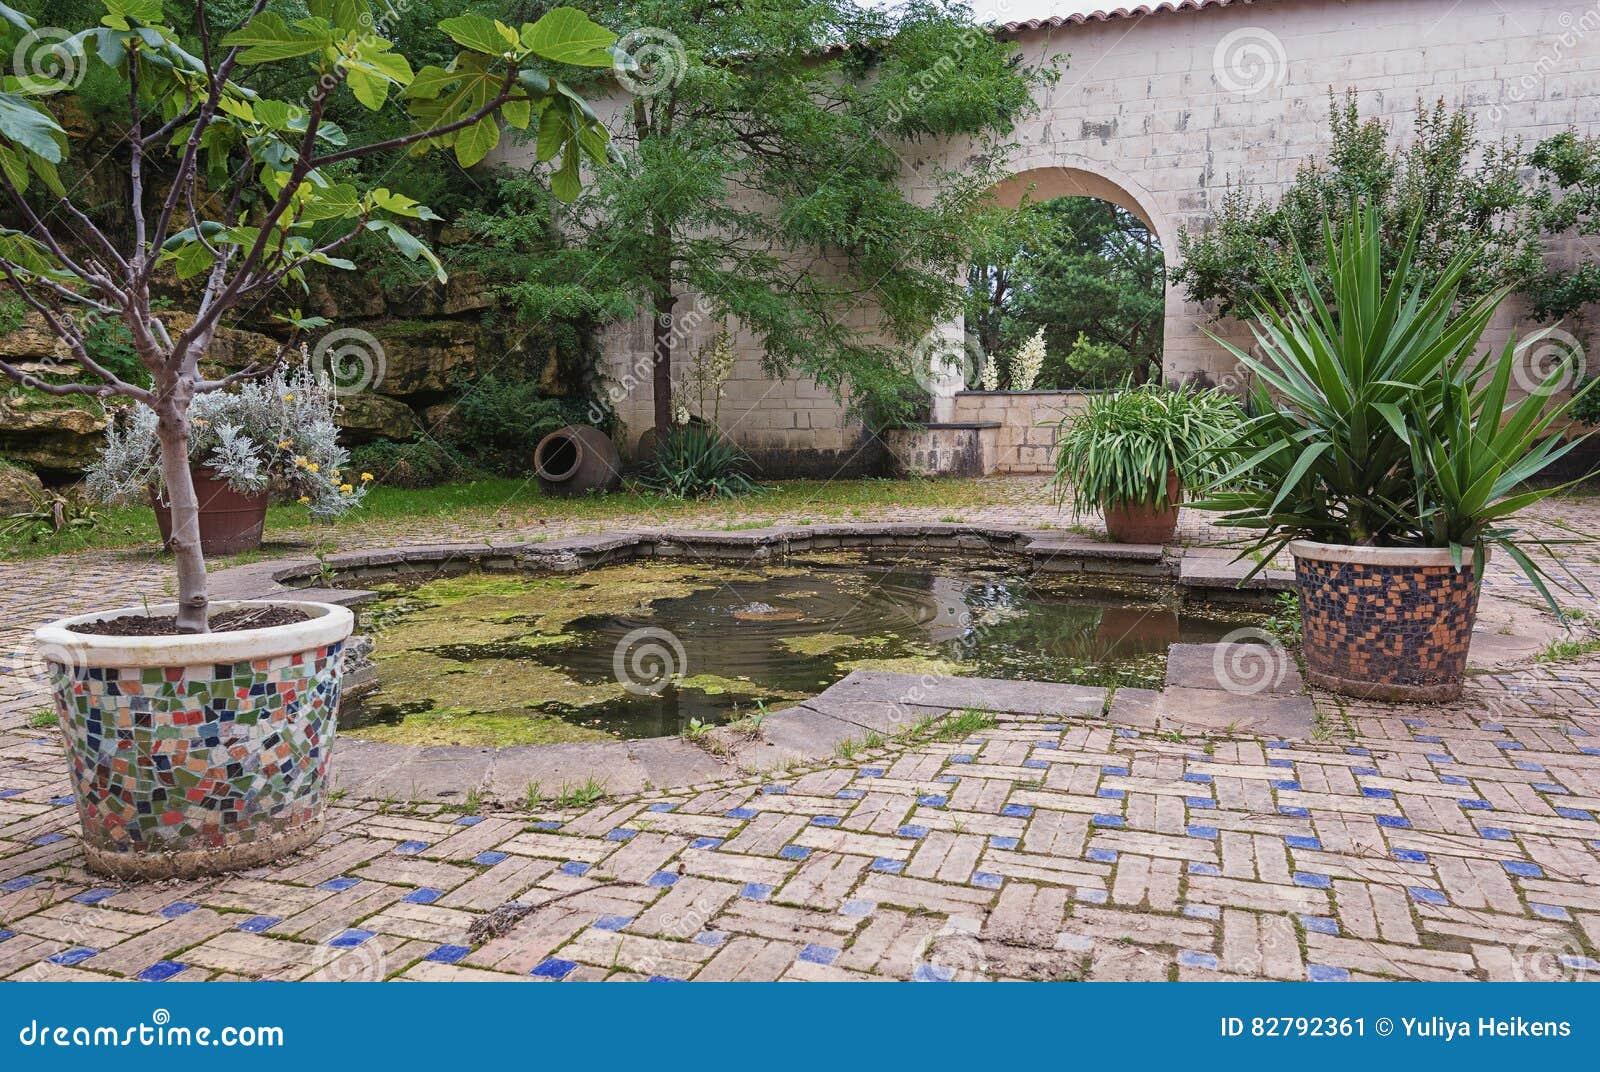 Moroccan Garden Copy In The Park Stock Image Image Of Doorway